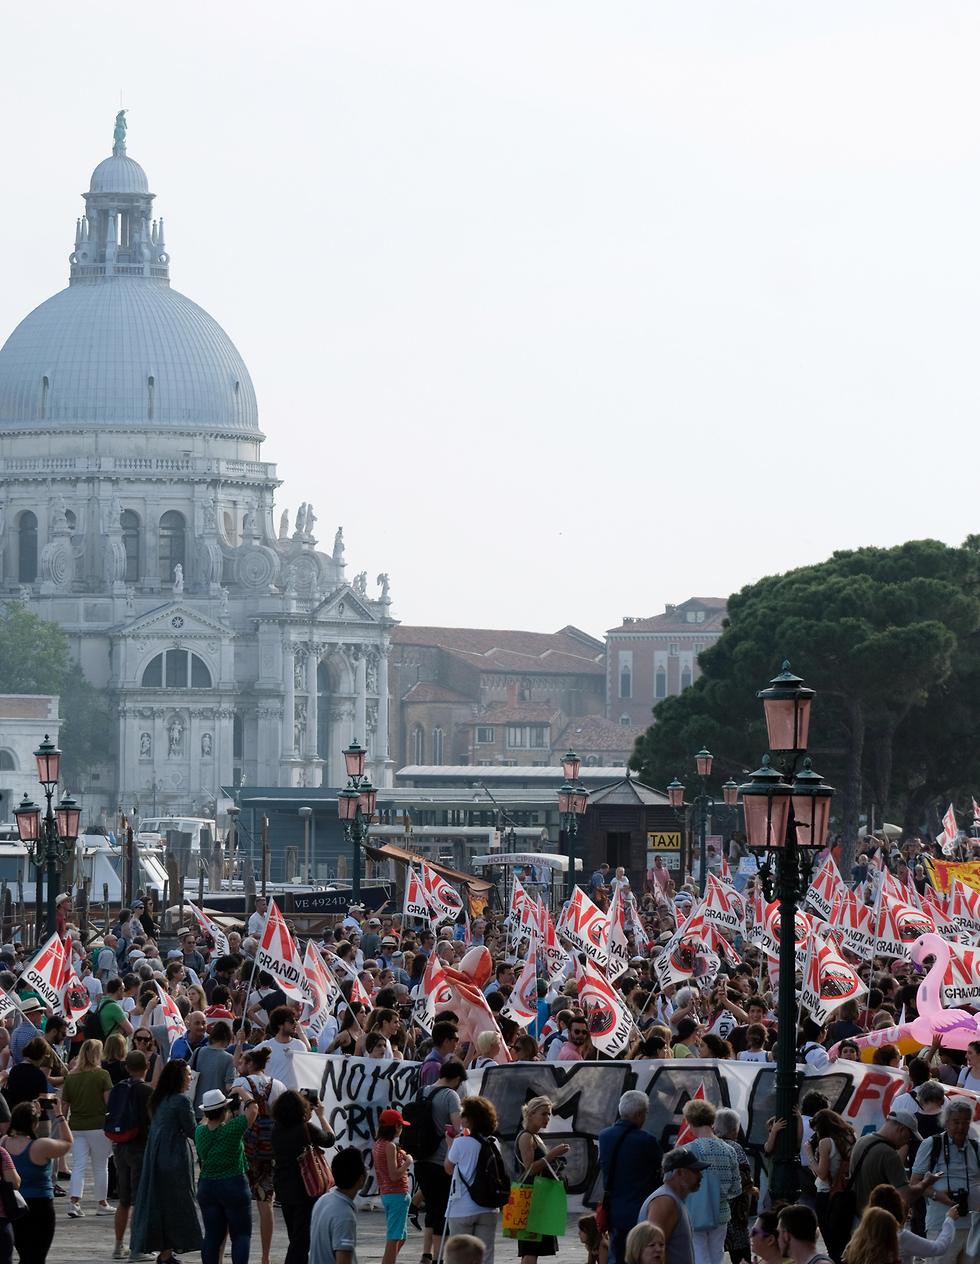 אלפים מפגינים בוונציה נגד שייט ספינות שהורסות את הלגונות באזור (צילום: רויטרס)